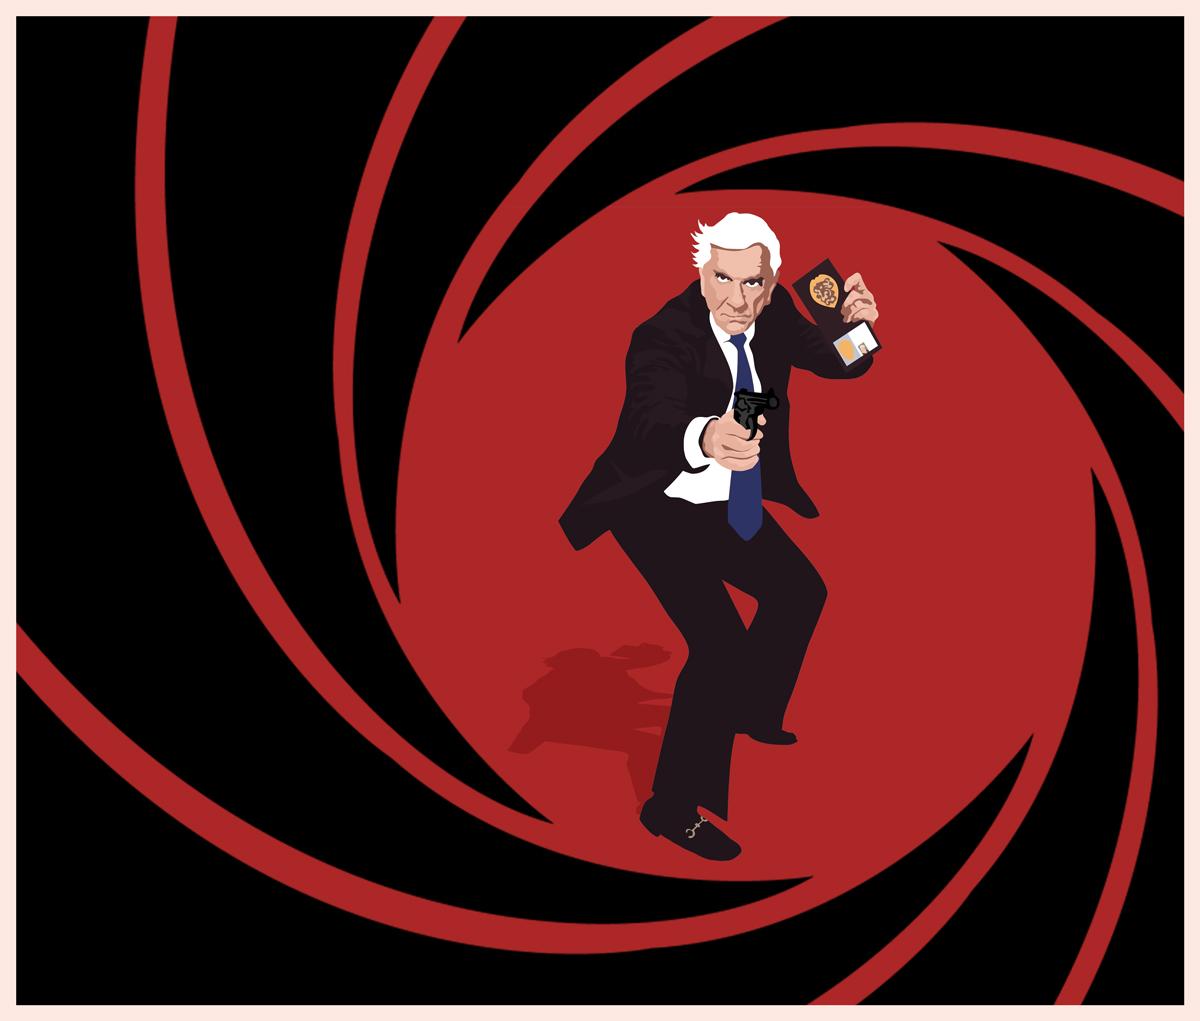 Drebin Frank Drebin Right Shot In The Right Time